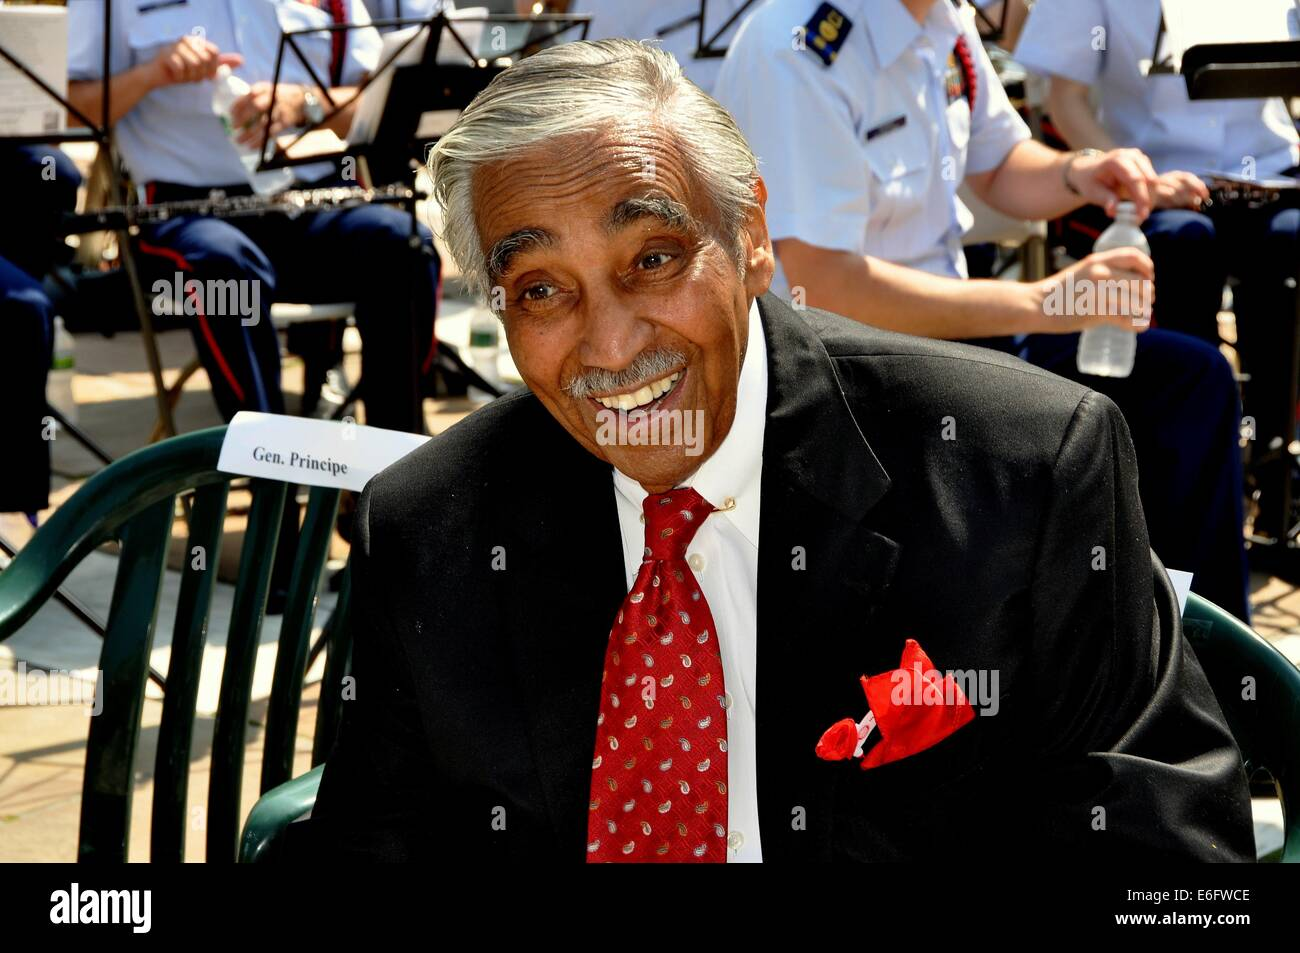 NYC: la Honorable Cámara de Representantes de Estados Unidos El congresista Charles Rangel en la ceremonia Imagen De Stock